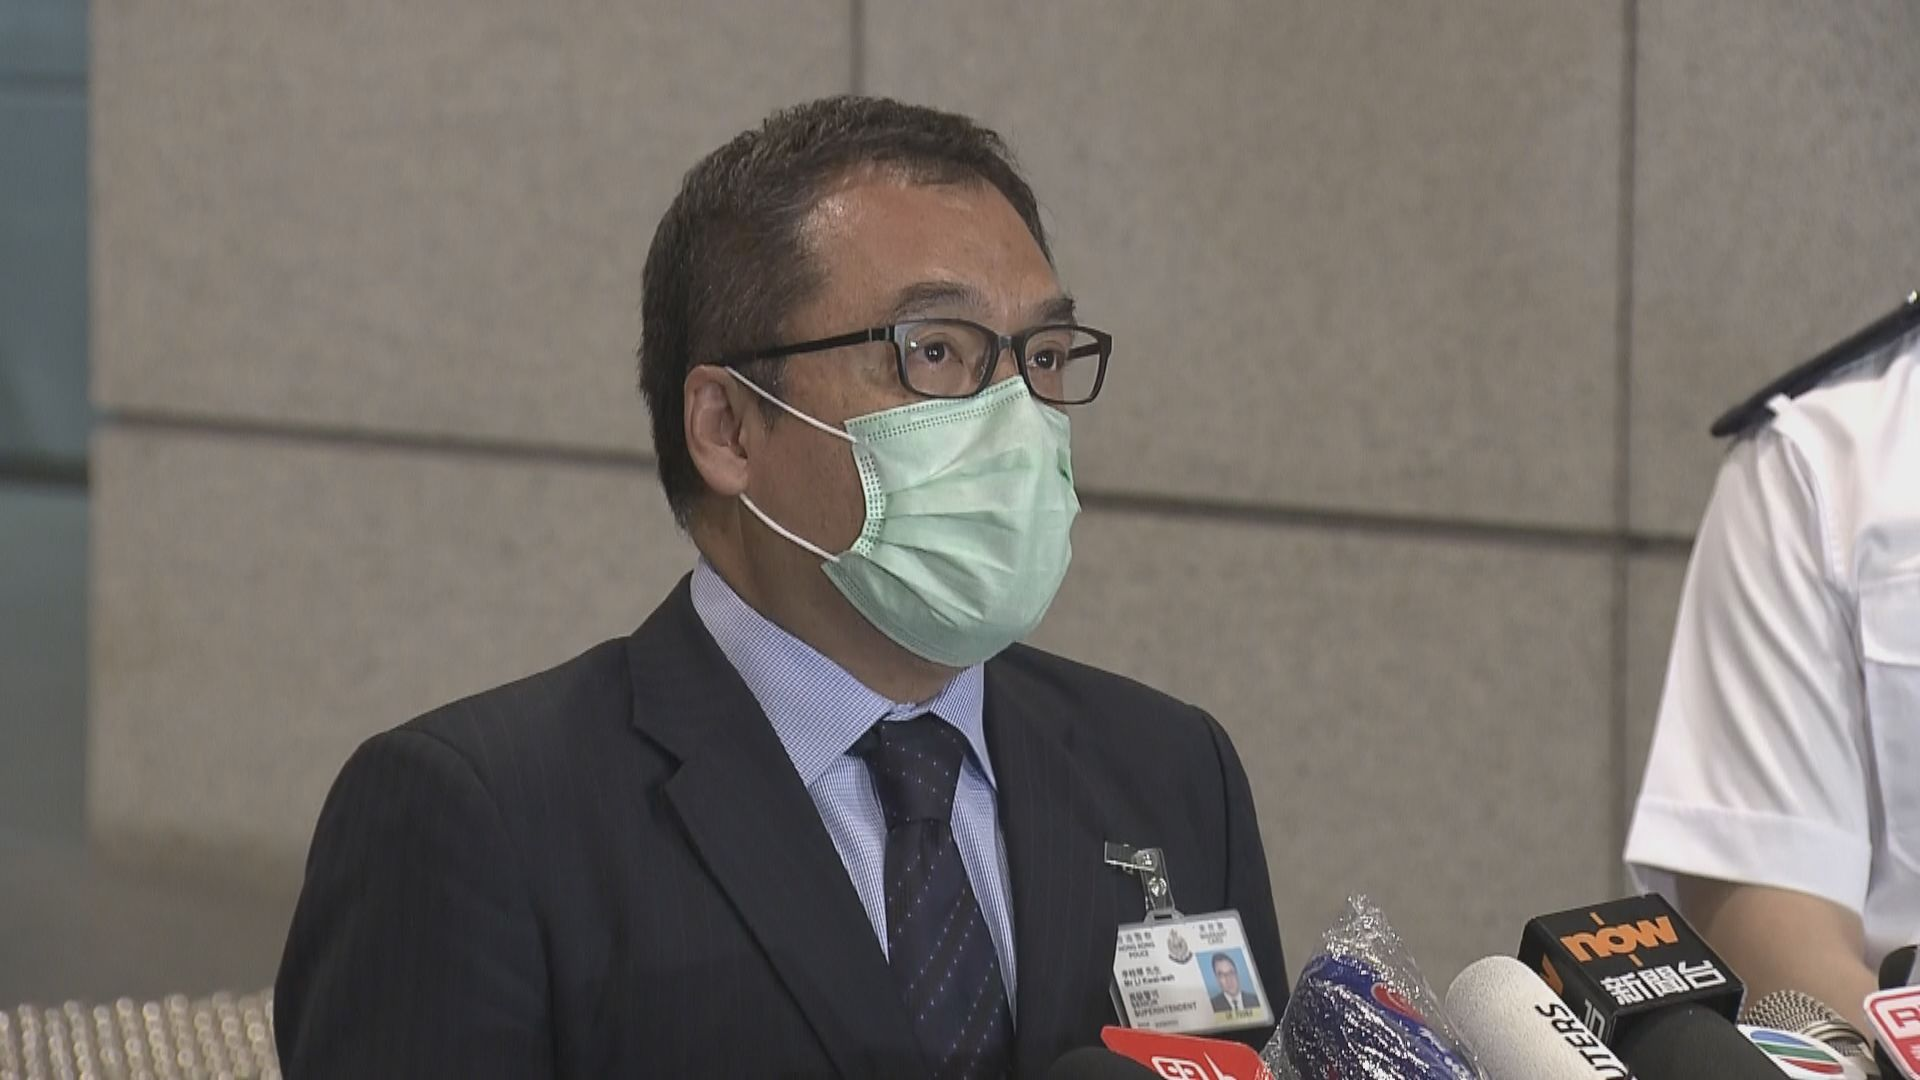 警拘六人 涉促外國制裁香港及支持有關組織